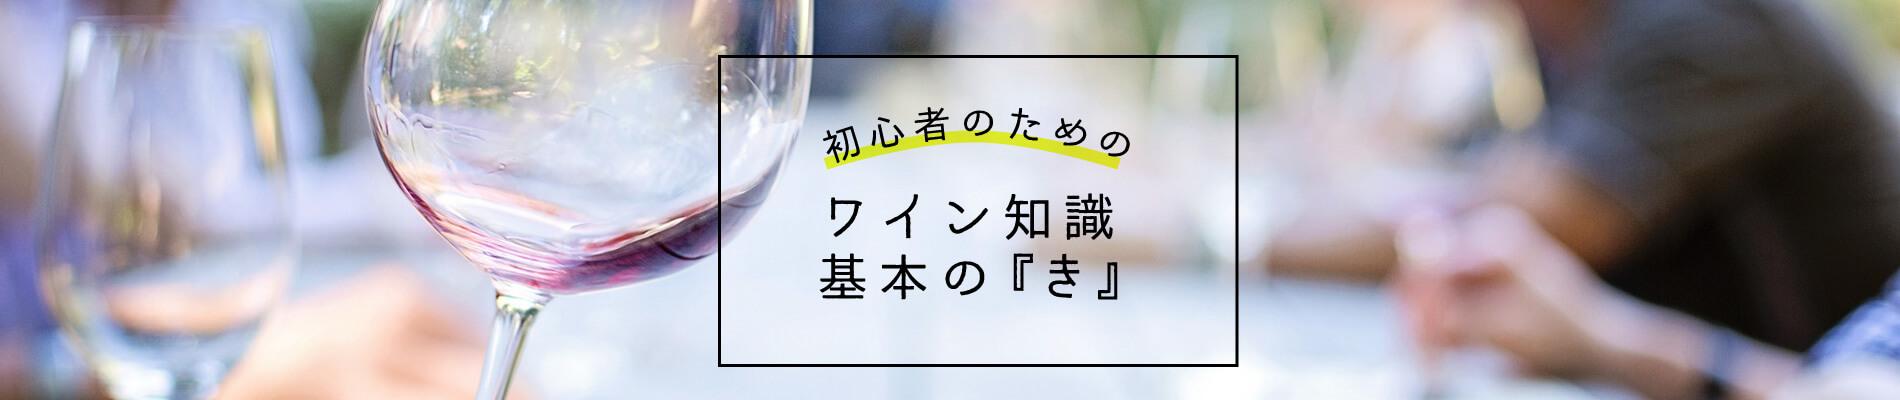 ワイン基本のき メイン画像